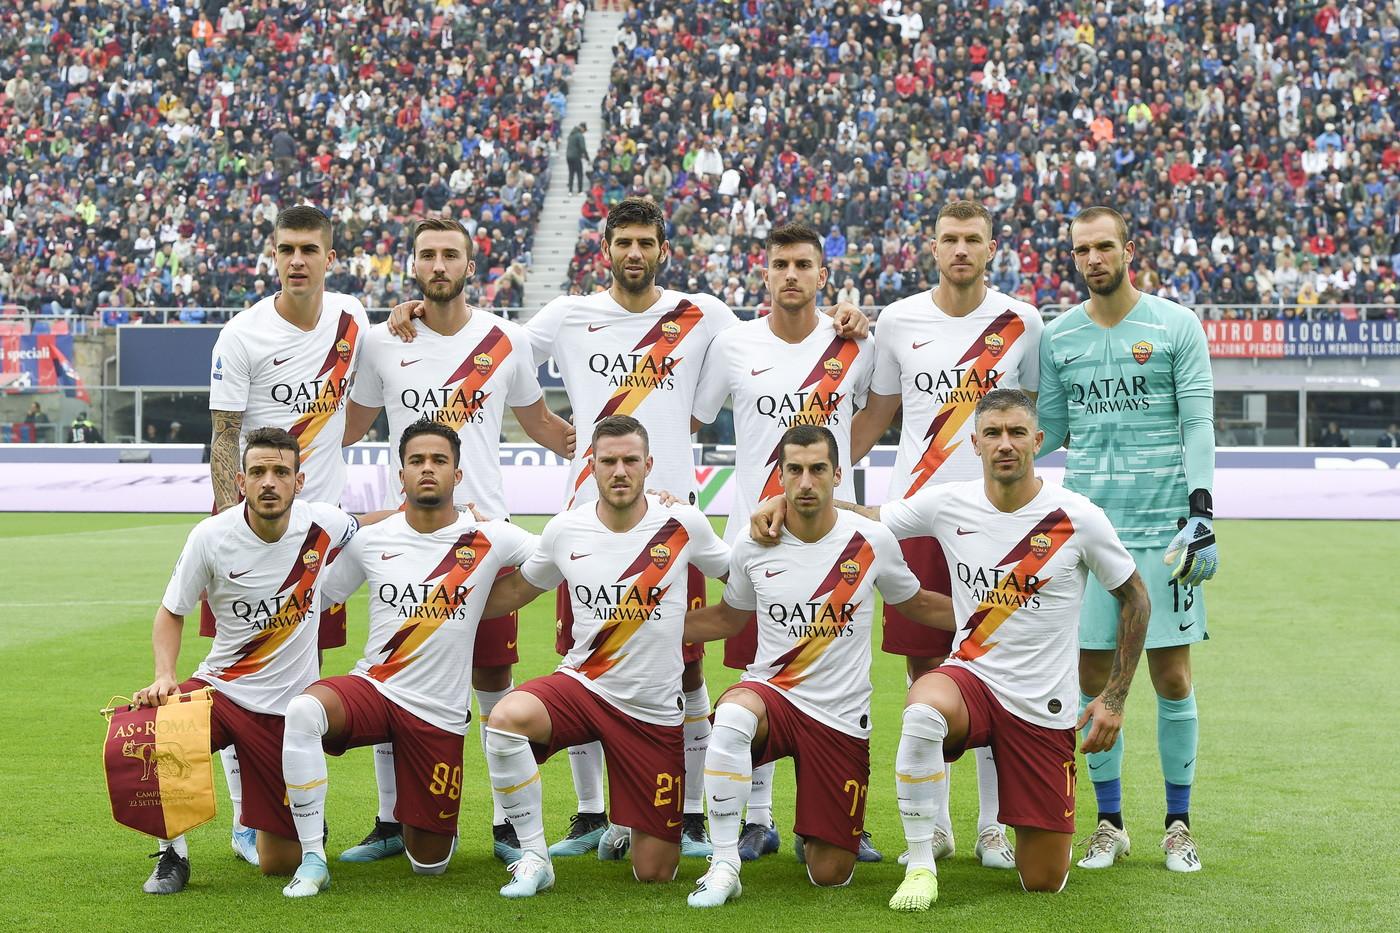 Un gol di Dzeko all'ultimo respiro regala alla Roma la terza vittoria consecutiva in una settimana. La squadra di Fonseca espugna Bologna con un c...